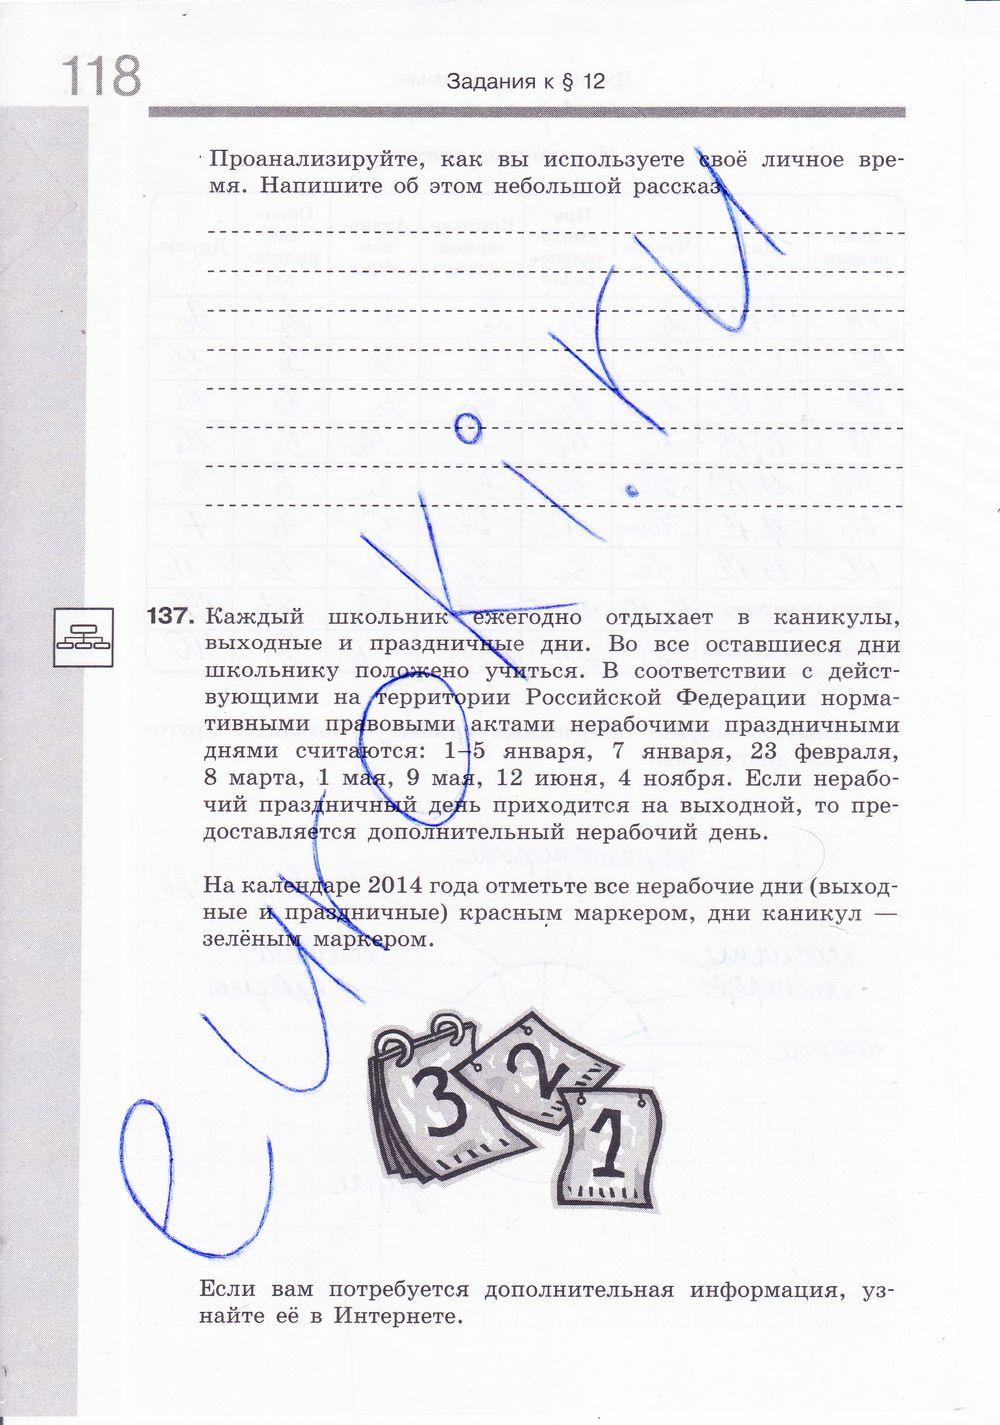 Гдз рабочая тетрадь по биологии 11 класс хруцкая скачать бесплатно